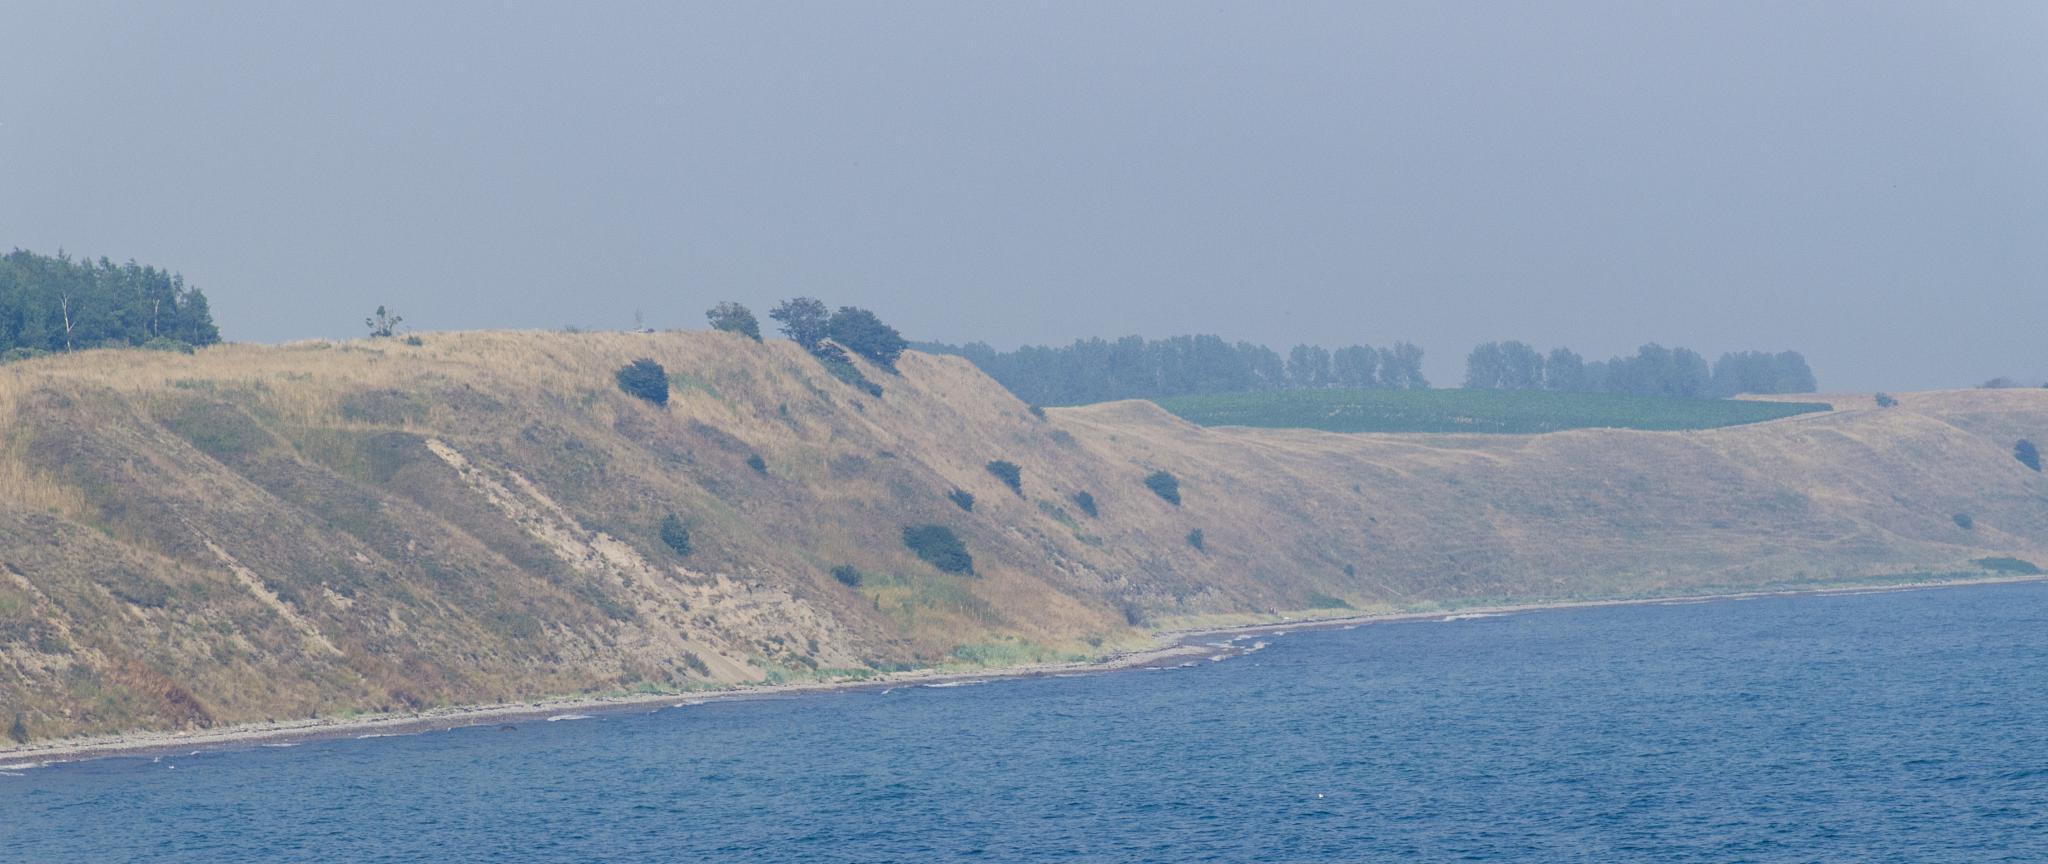 Coast of Skåne by Johnny Lythell